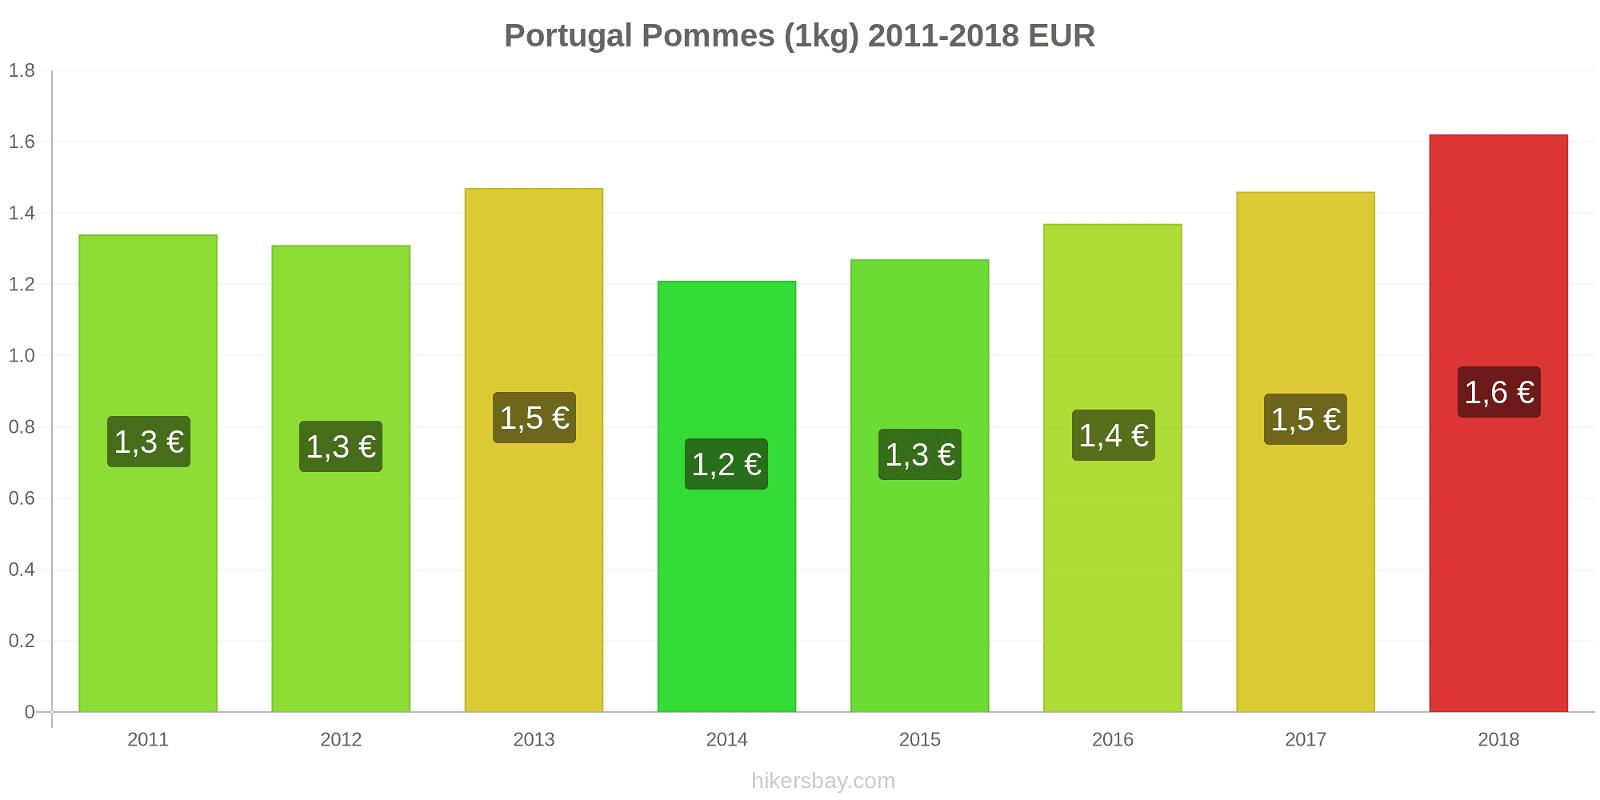 Portugal changements de prix Pommes (1kg) hikersbay.com